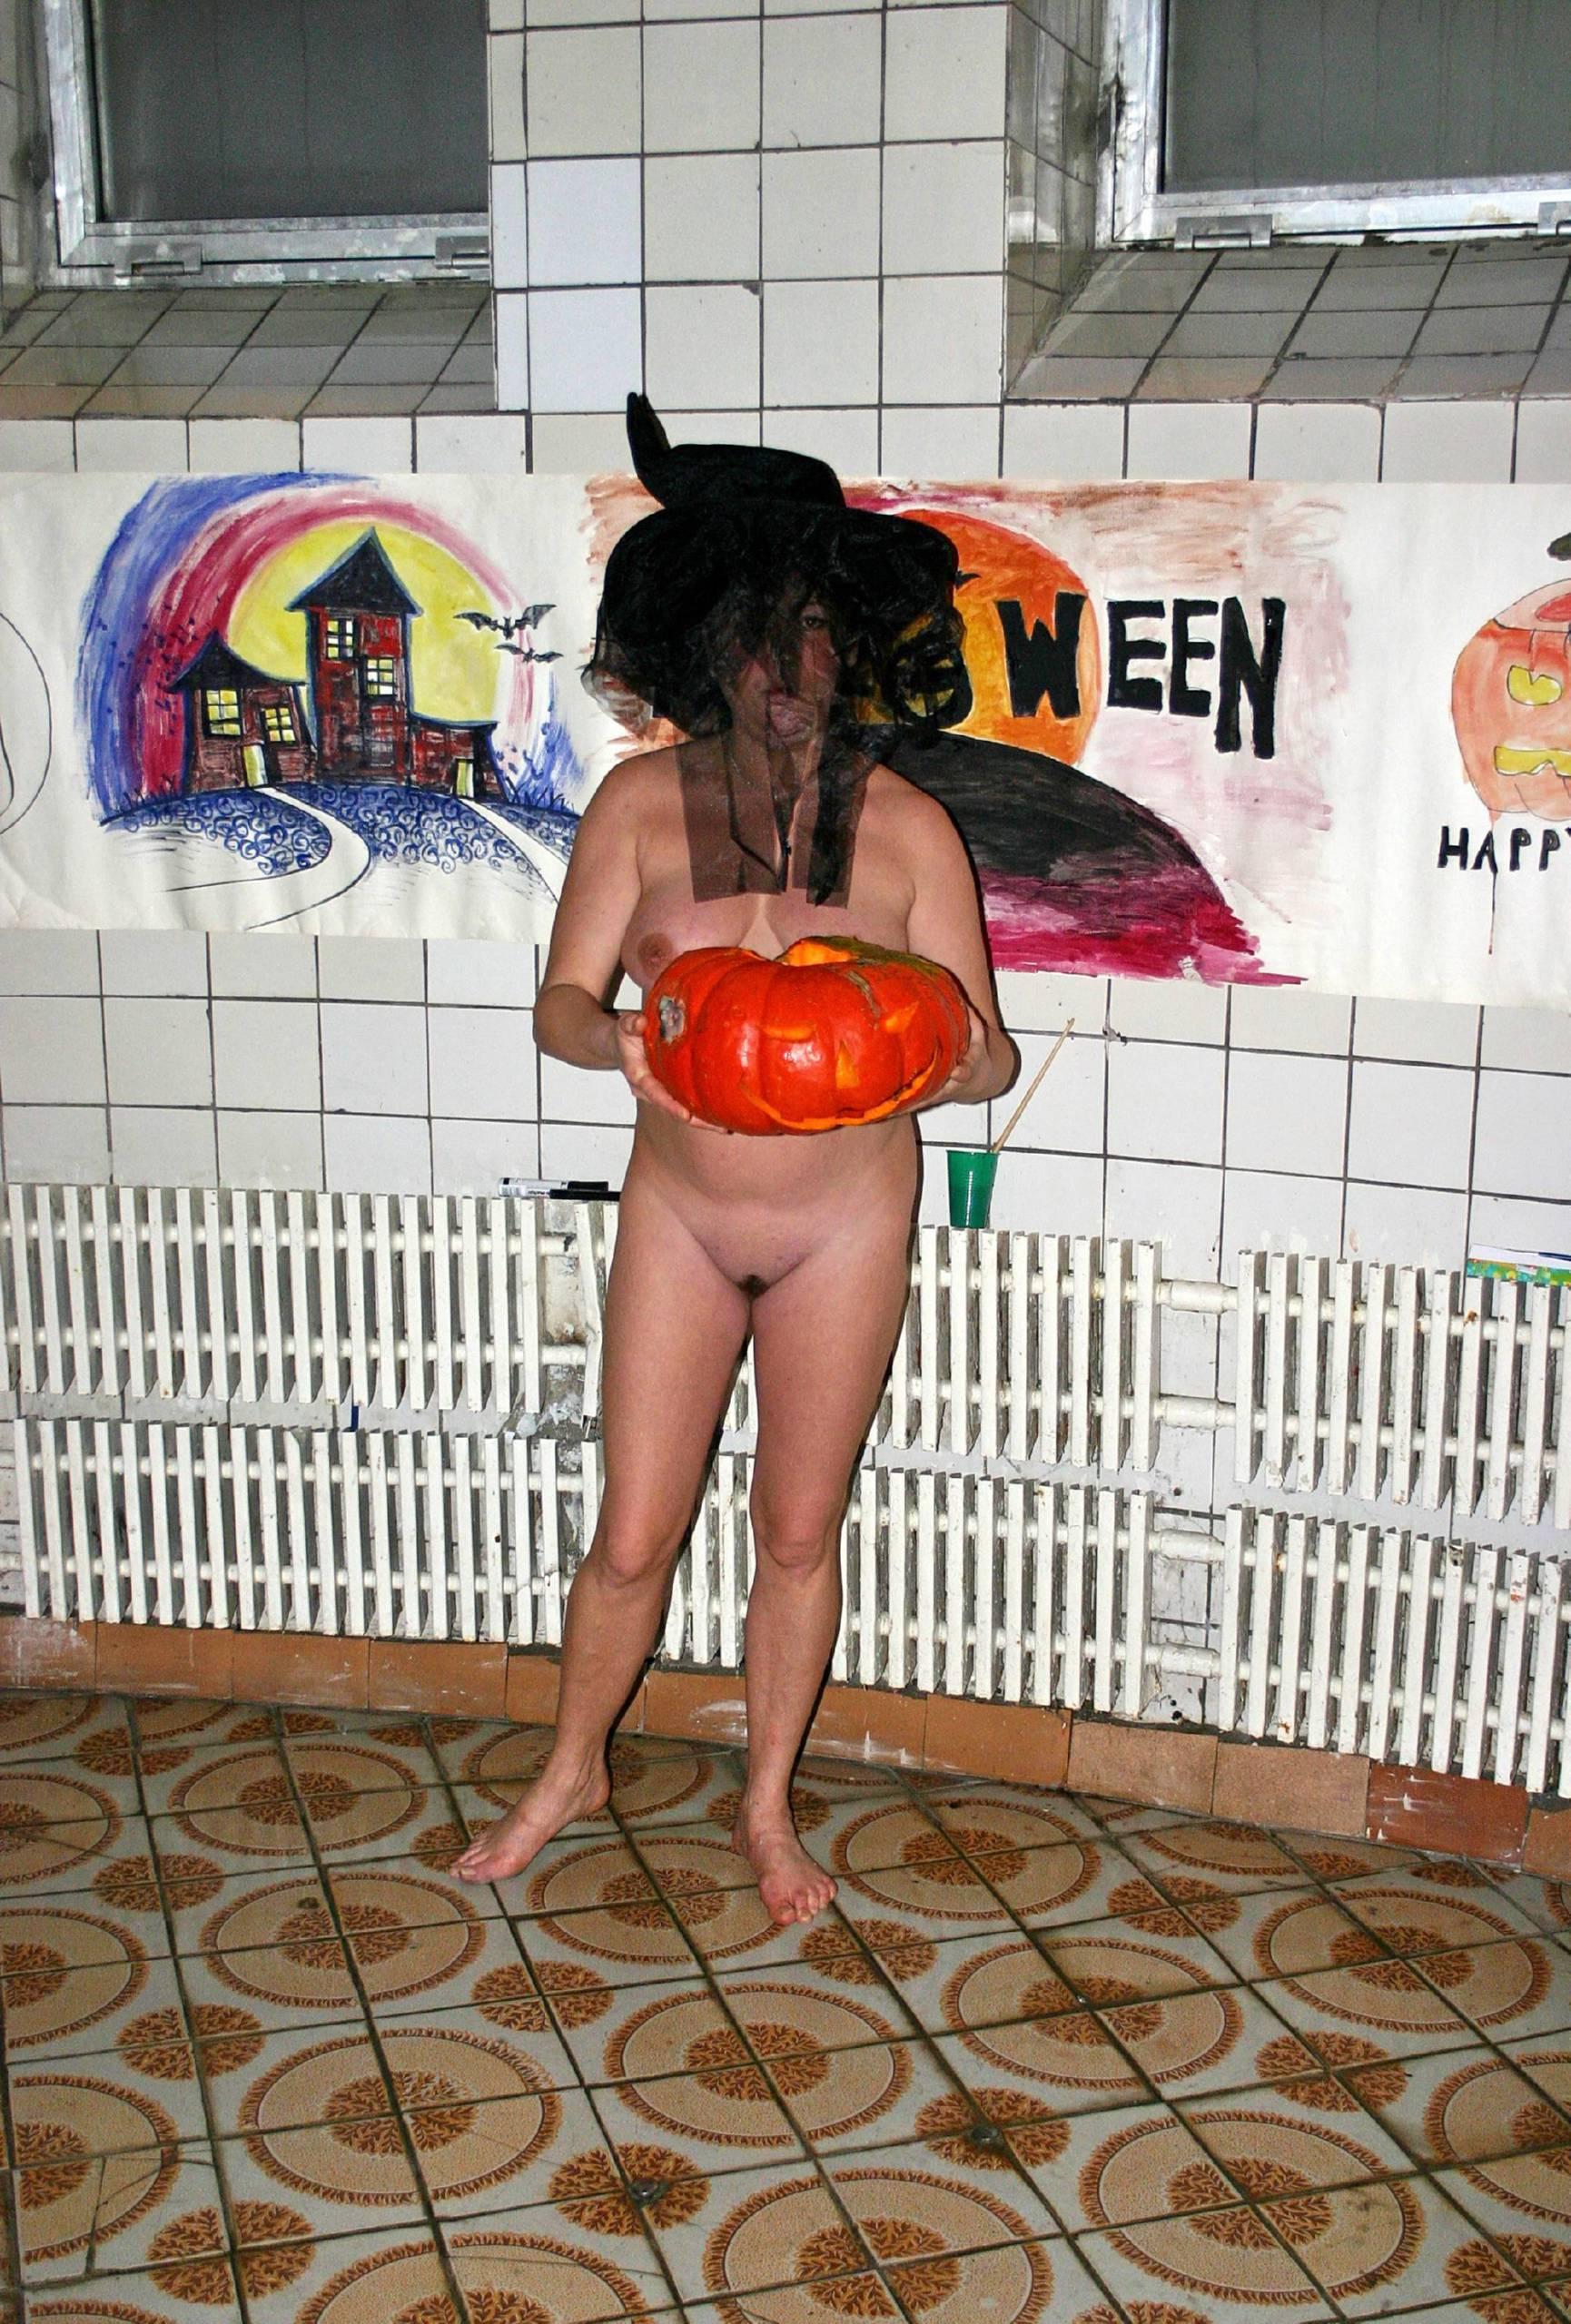 Nudist Photos Halloween Pumpkin Stack - 1